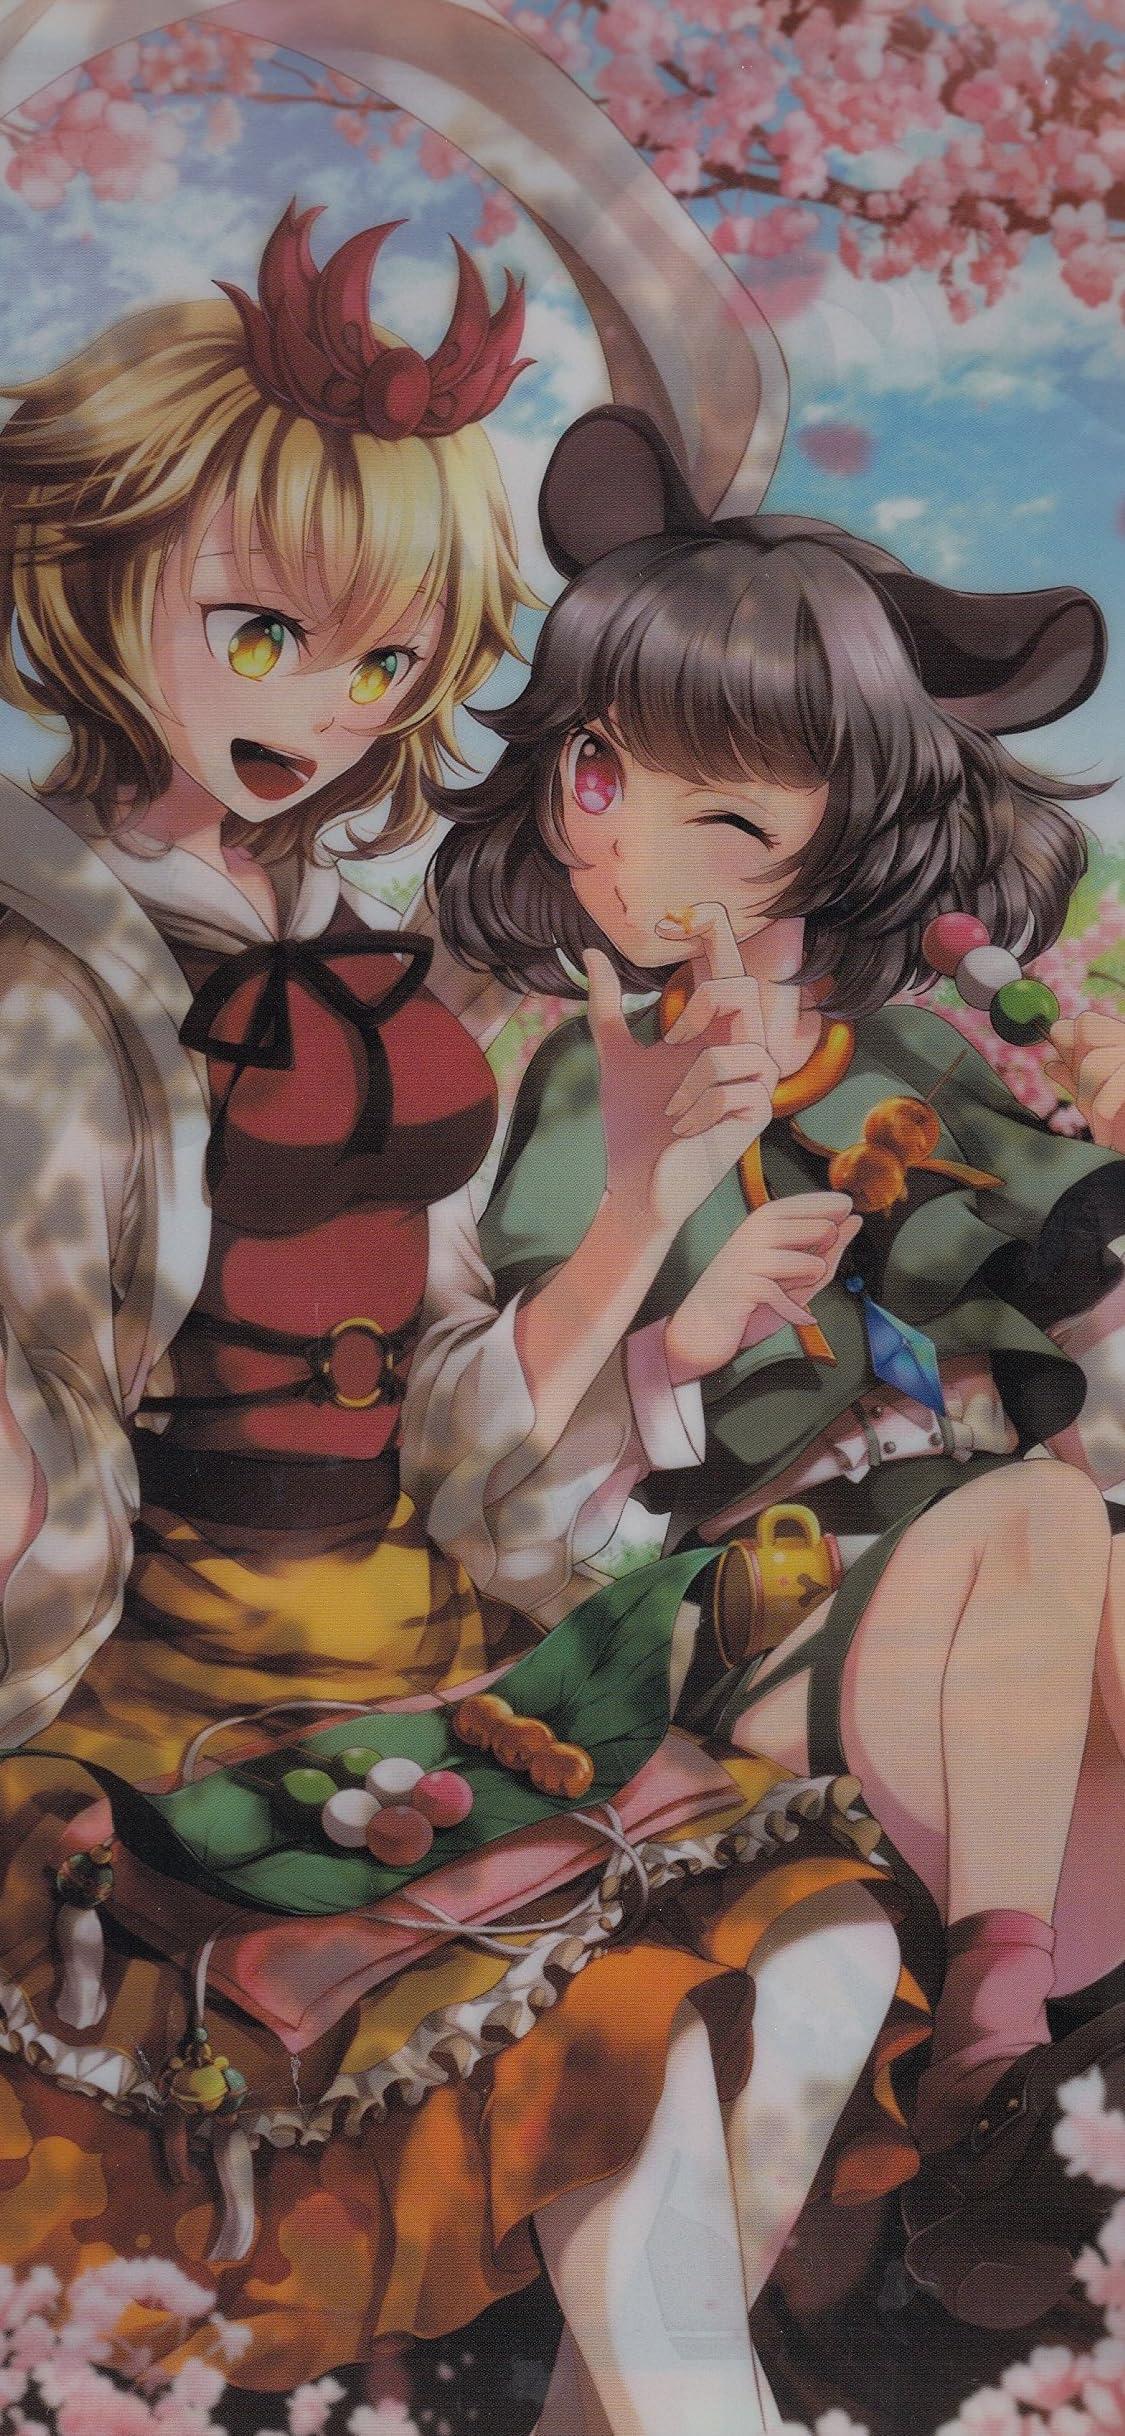 東方Project 寅丸星 & ナズーリン iPhone X 壁紙(1125x2436)画像